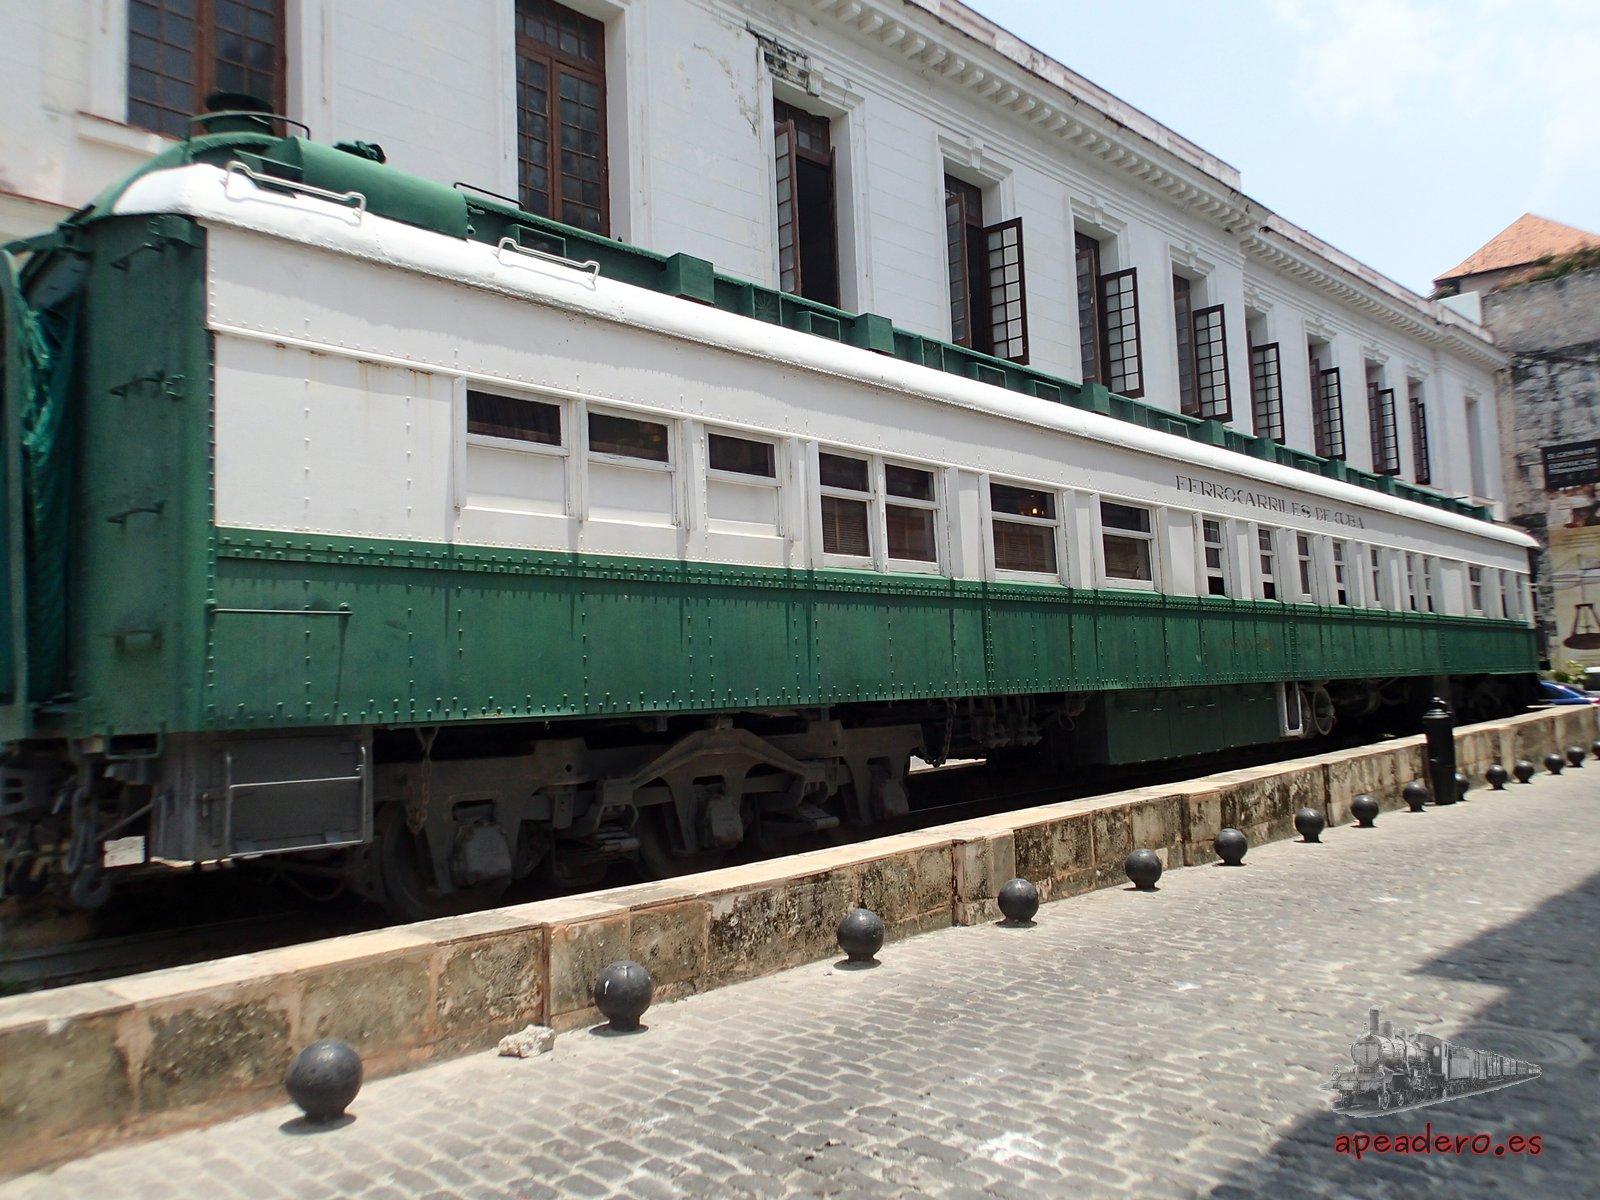 El histórico tren Hershey todavía circula entre La Habana y Matanzas, pero este vagón lo tienen expuesto en un céntrico lugar de la capital cubana.